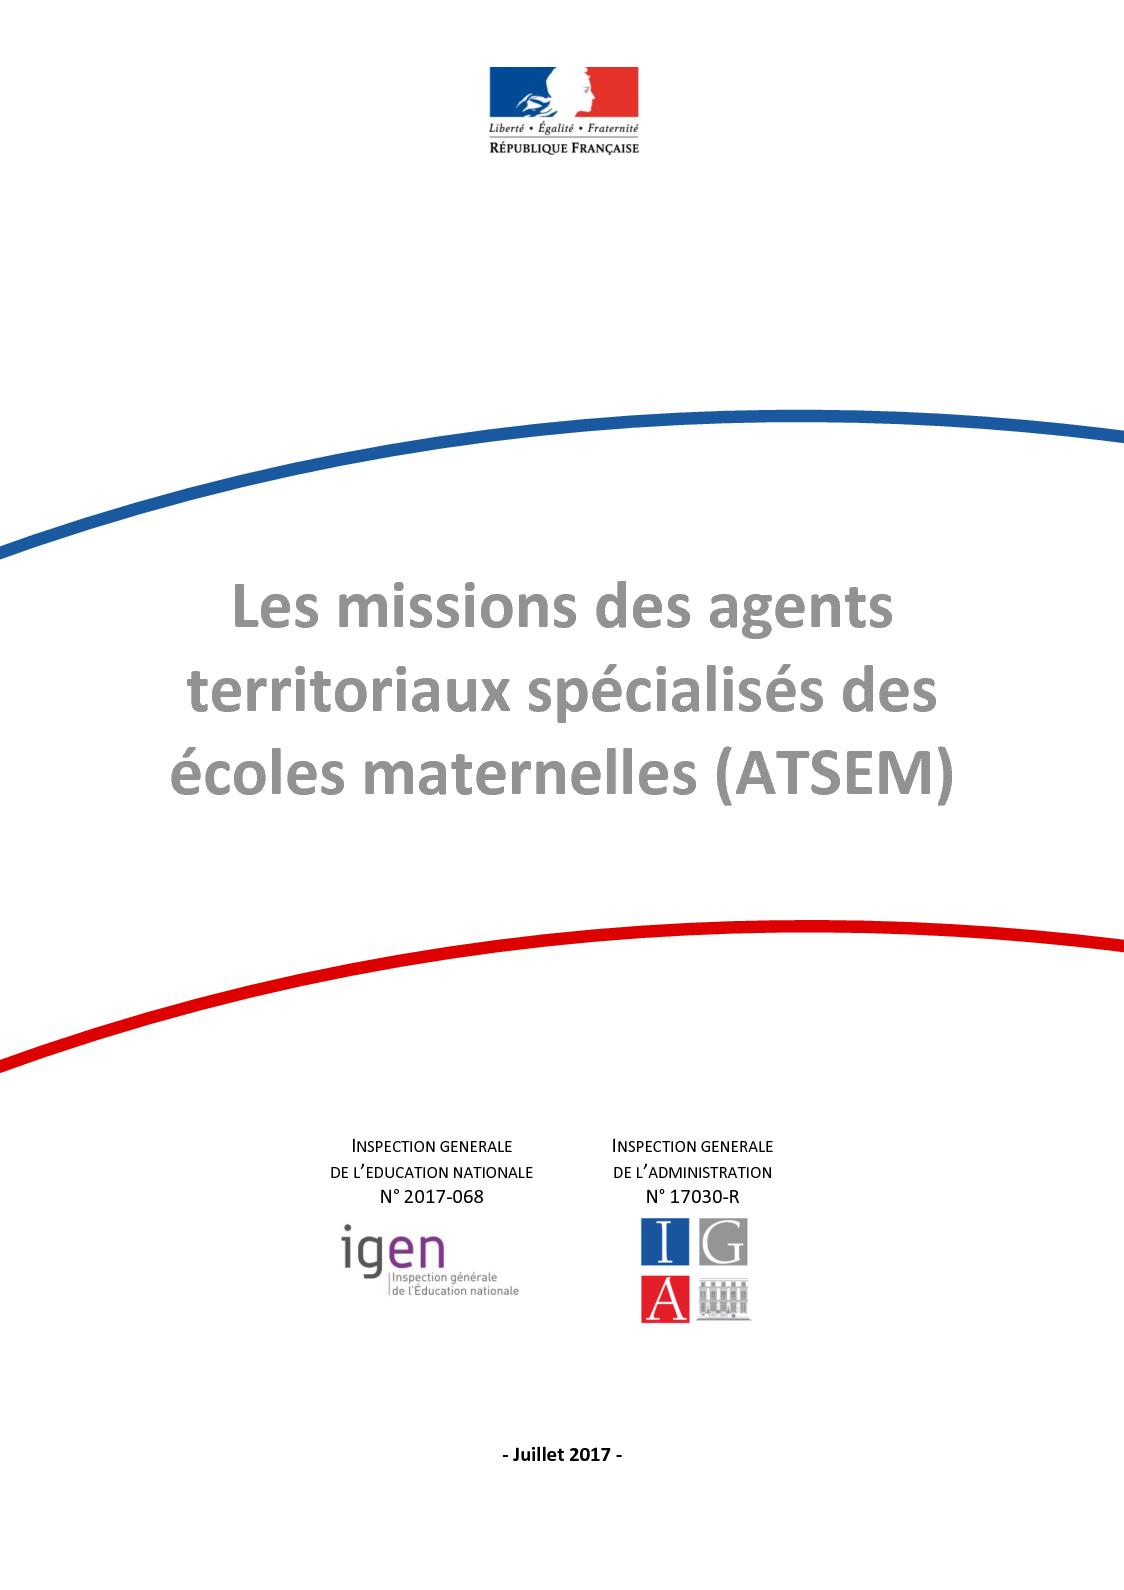 7064b59a65d Calaméo - Les Missions Atsem Agents Spécialisés Des éColes Maternelles